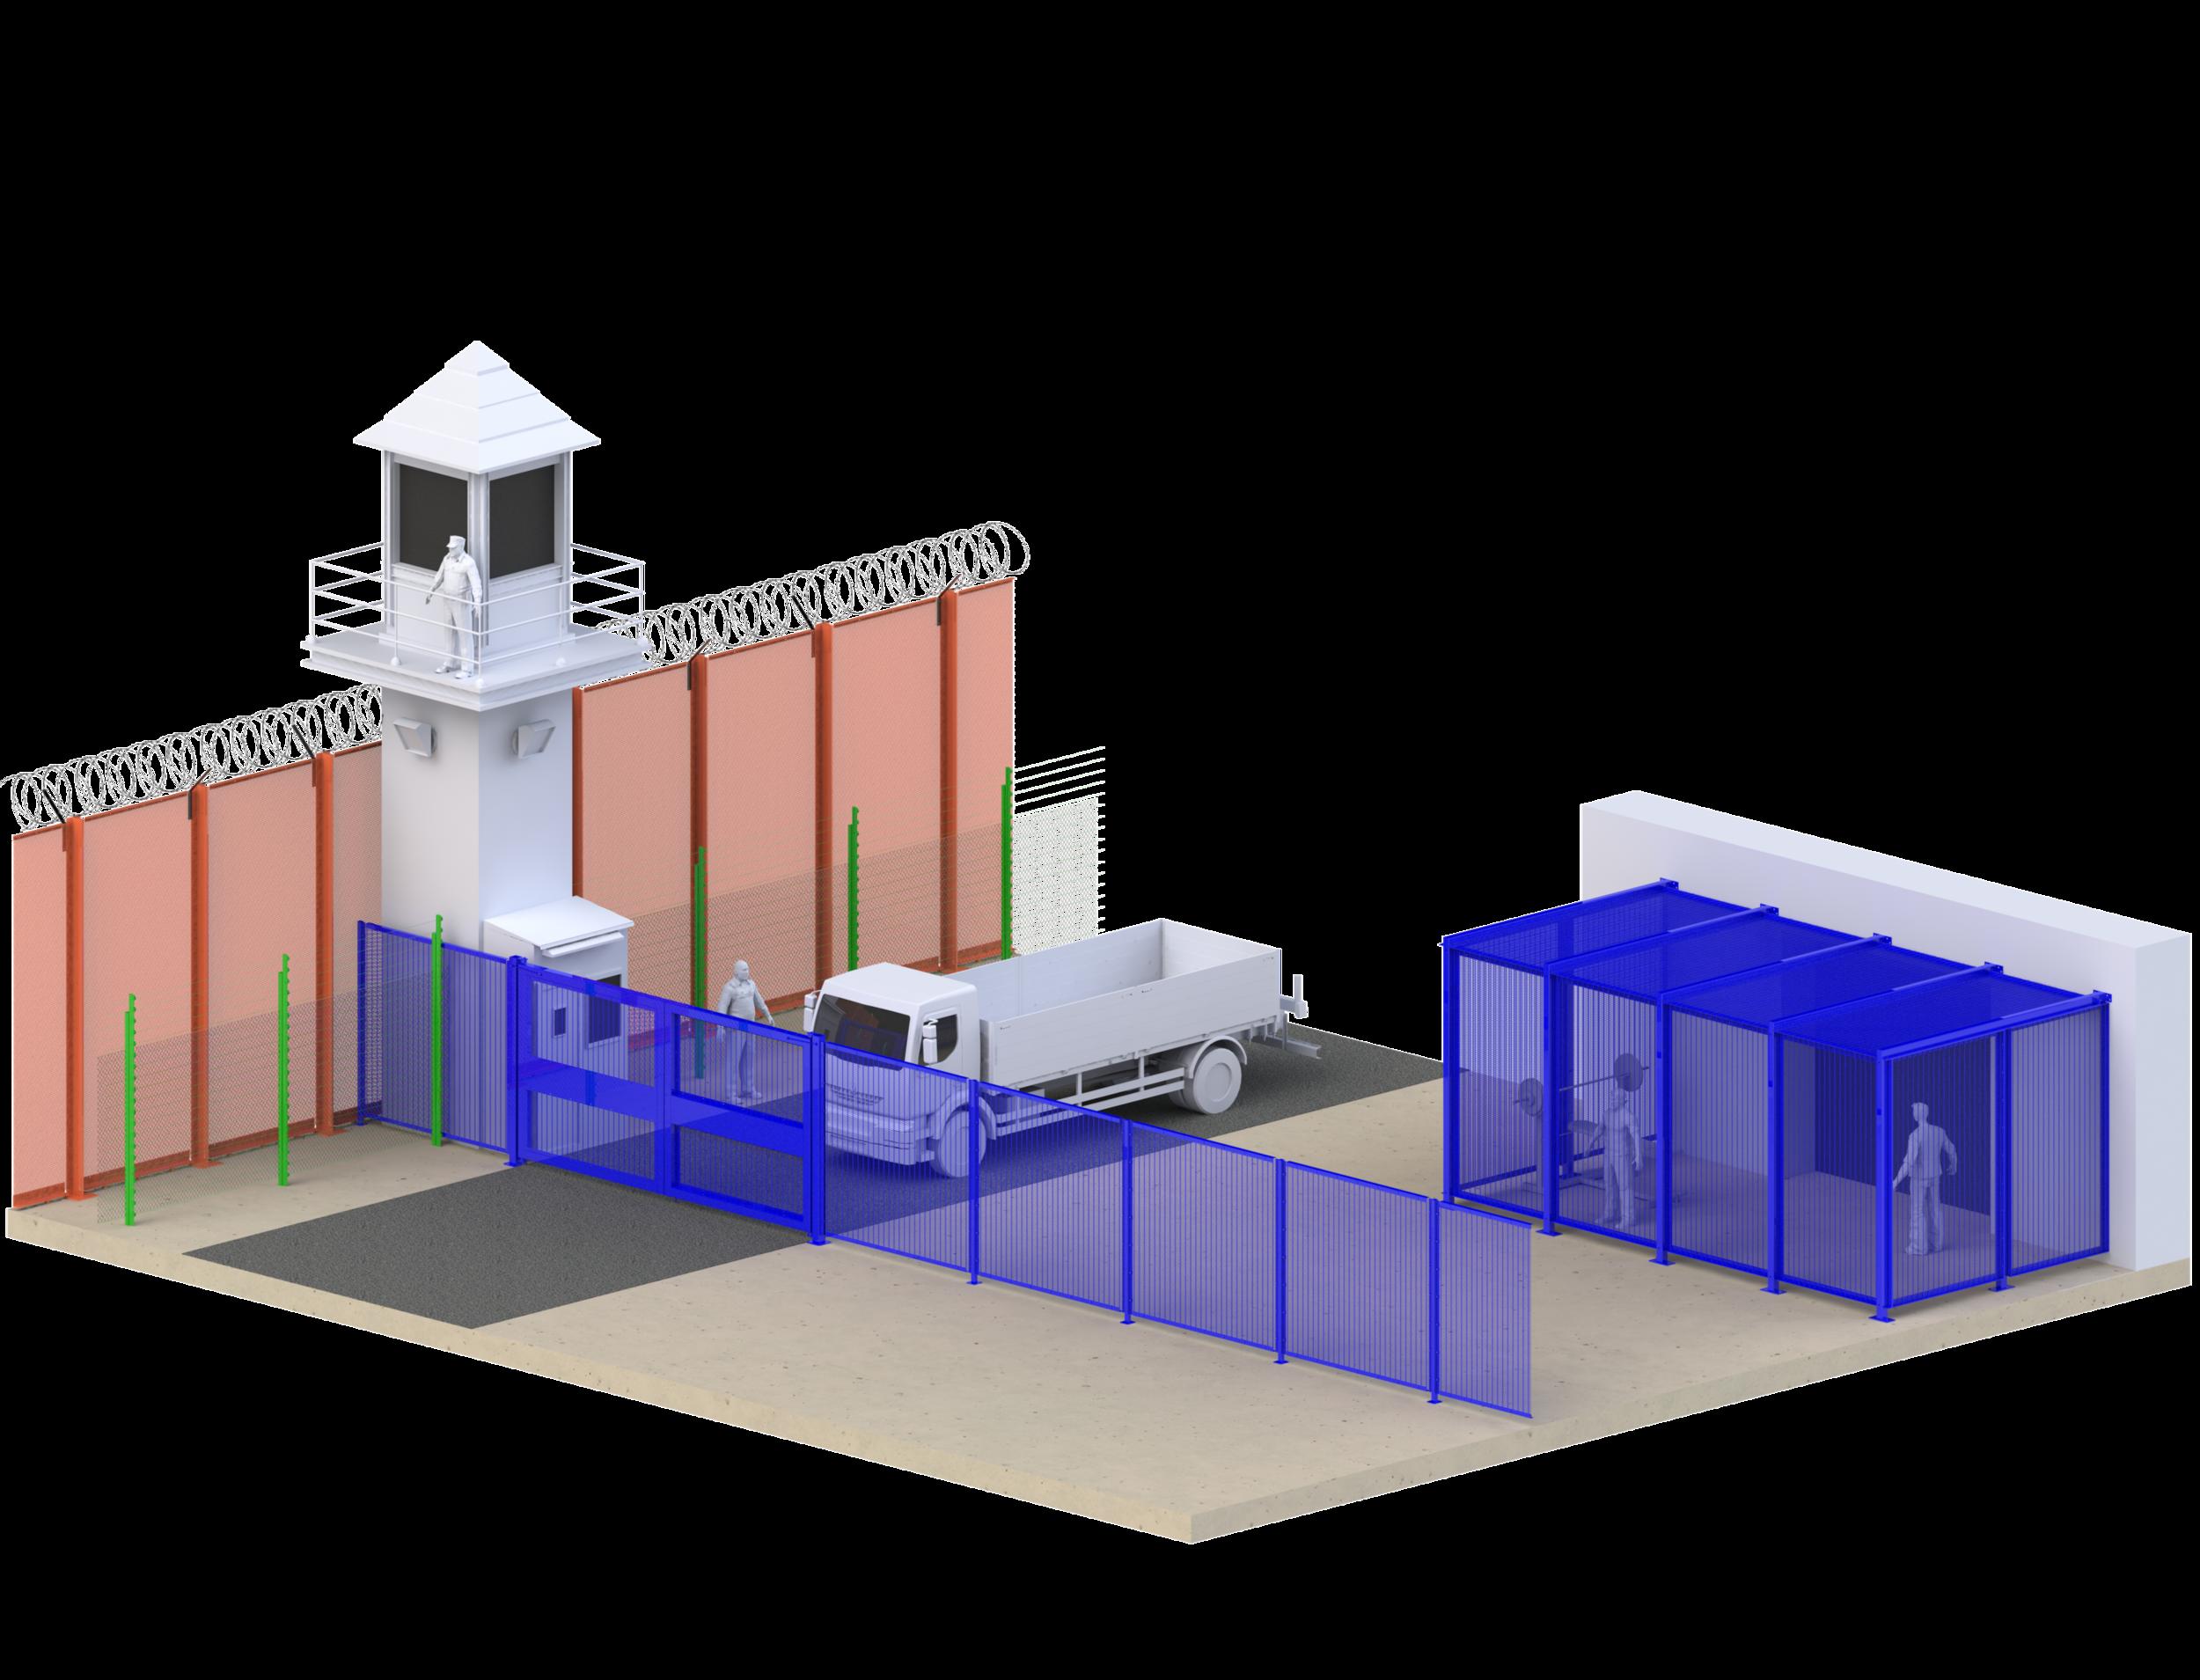 Prison Concept Render 2.png